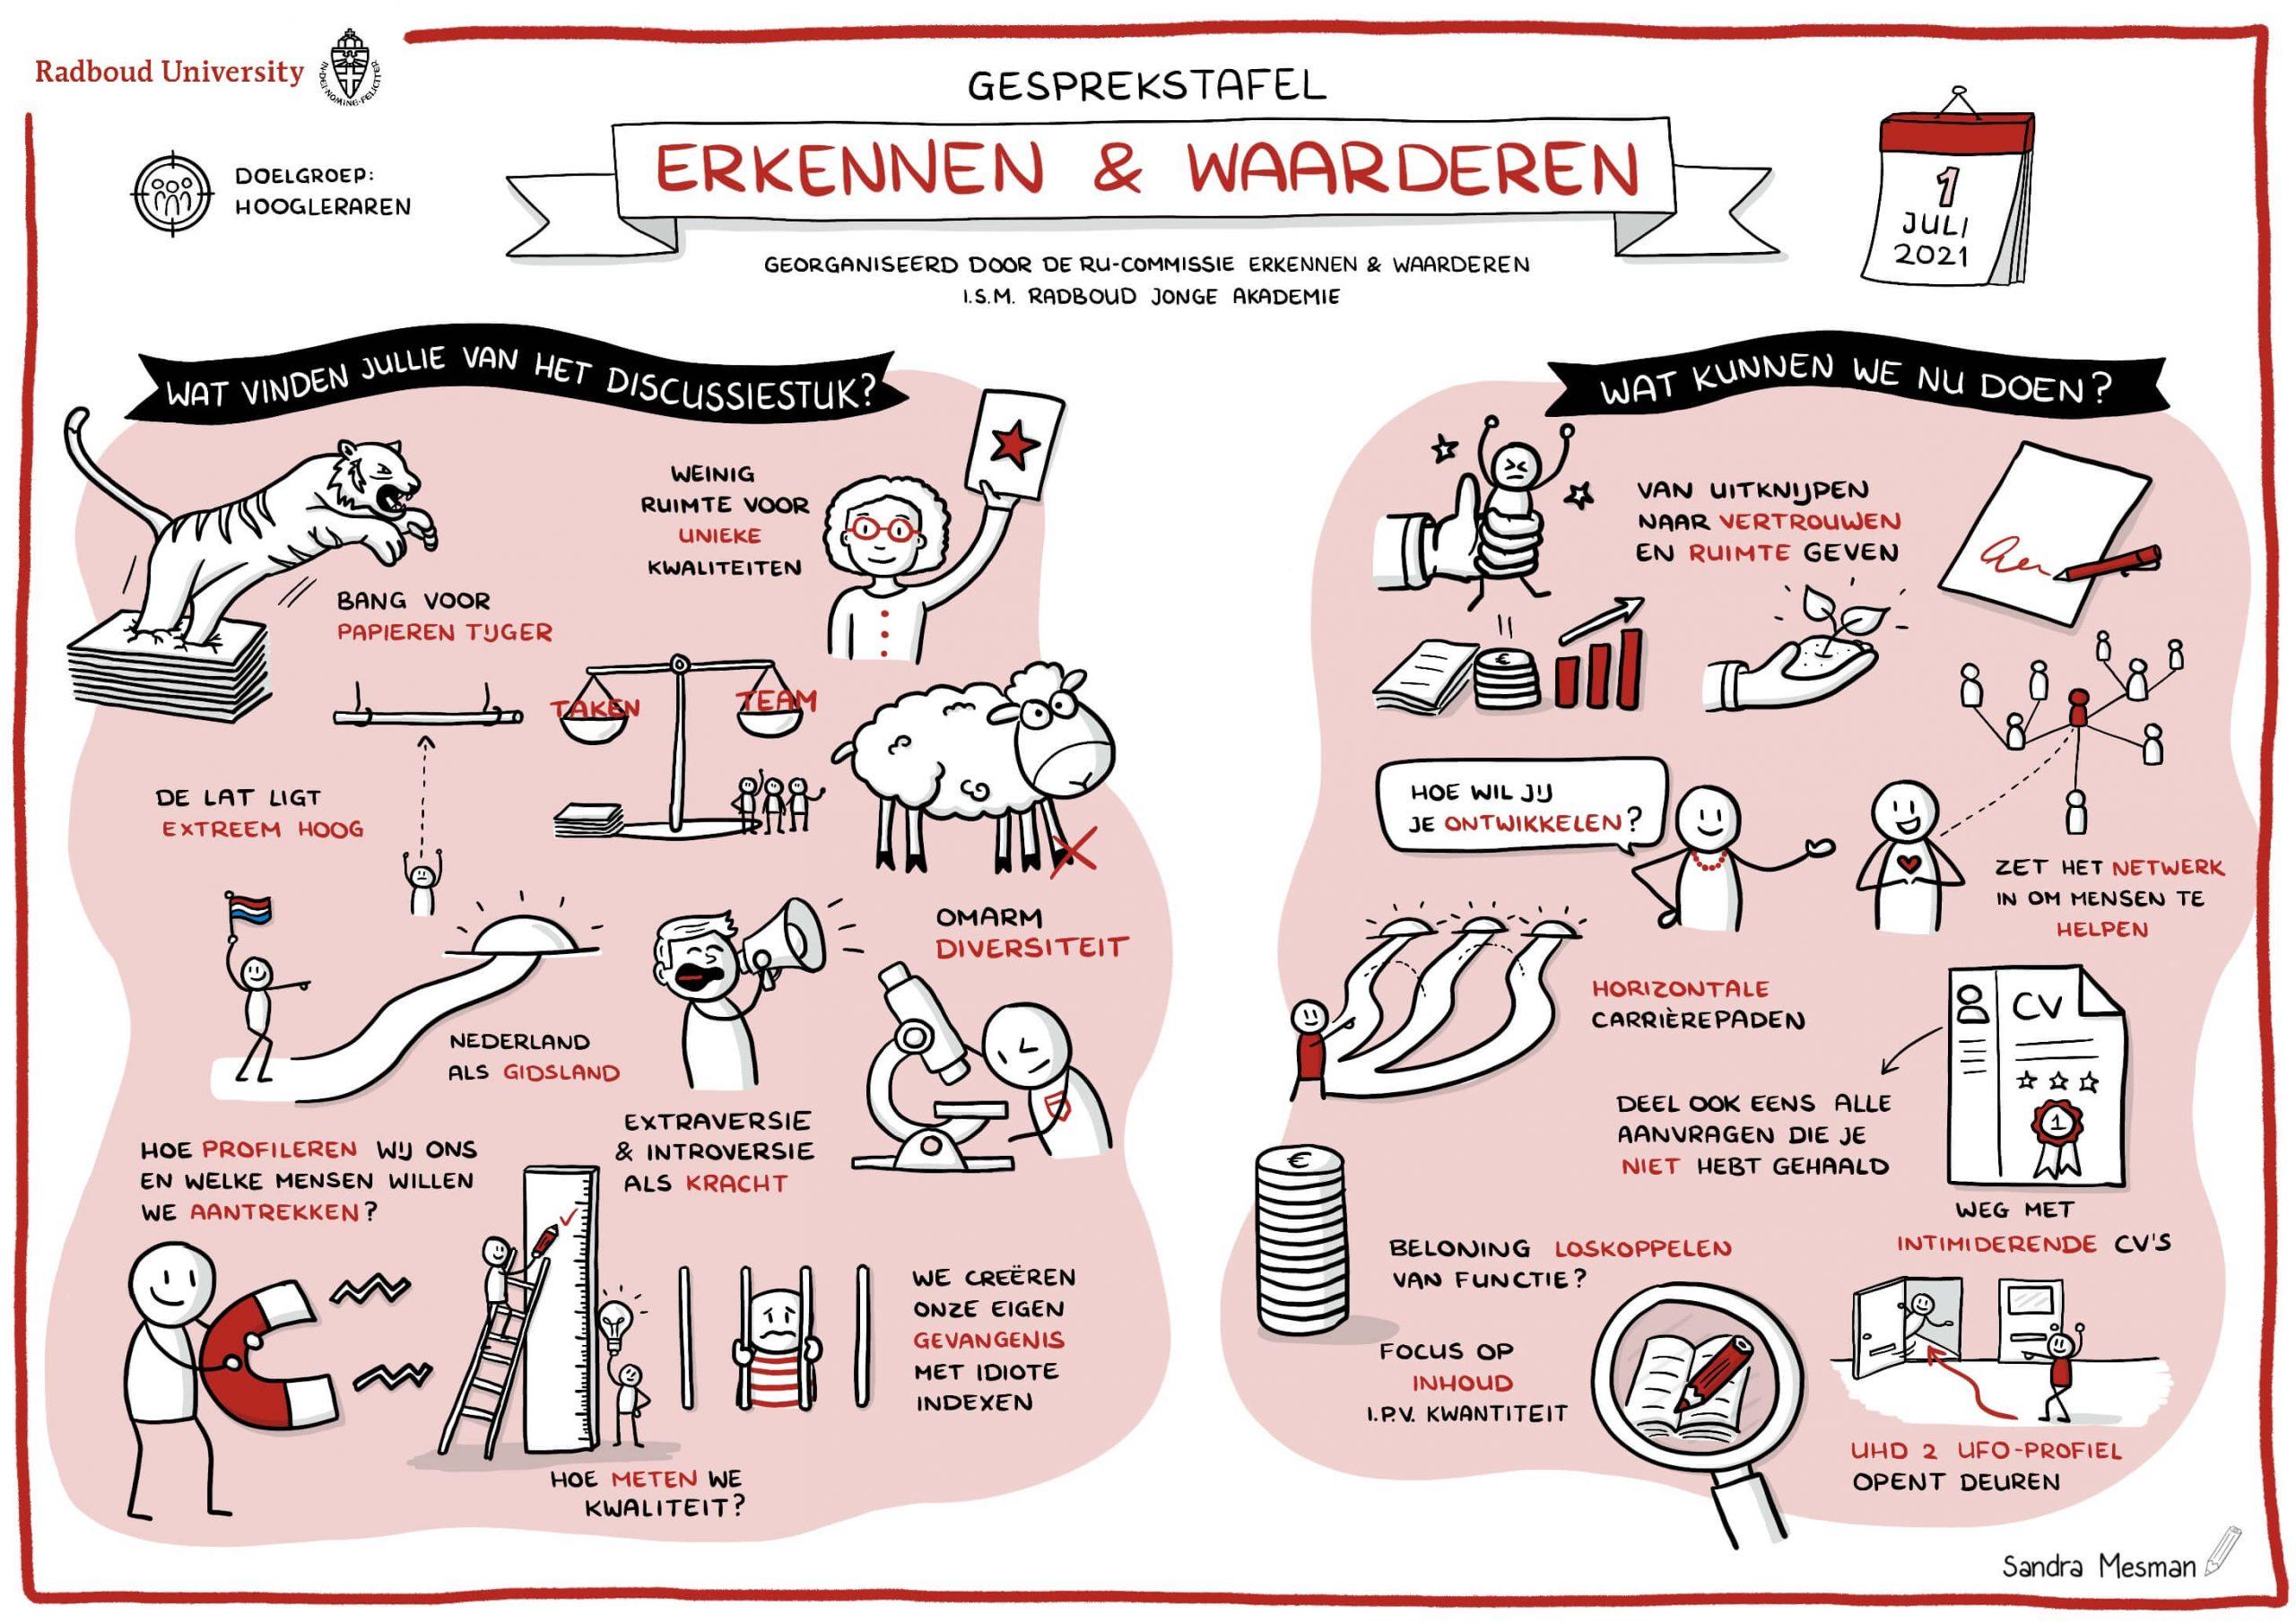 Tekening RU gesprekstafel Erkennen & Waarderen Hoogleraren